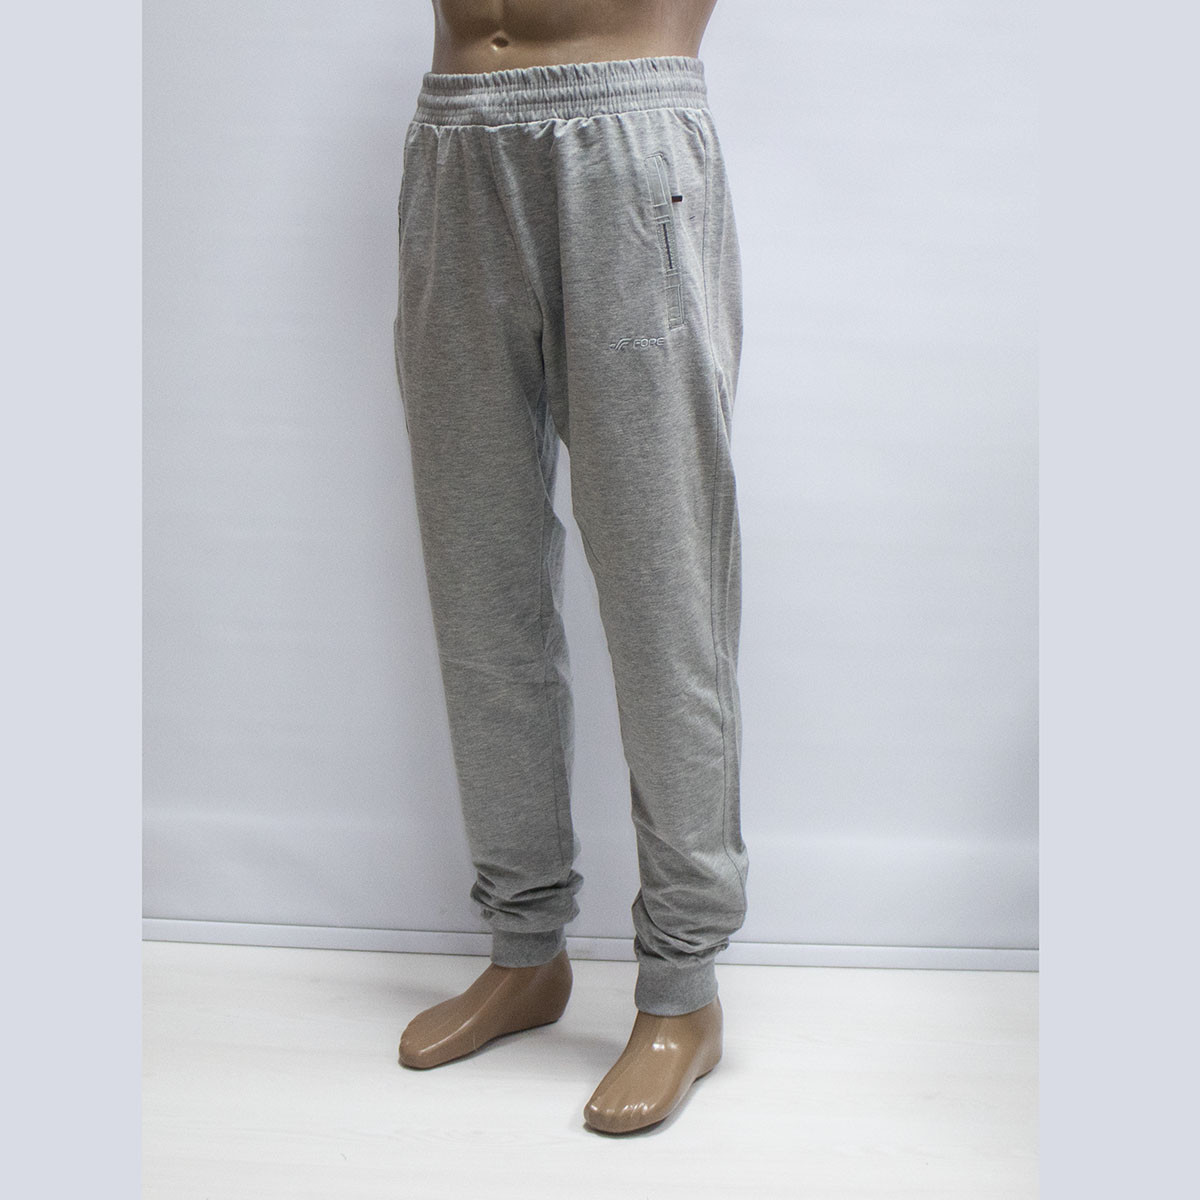 Мужские турецкие светлые спортивные штаны на манжете тм. FORE 9575N